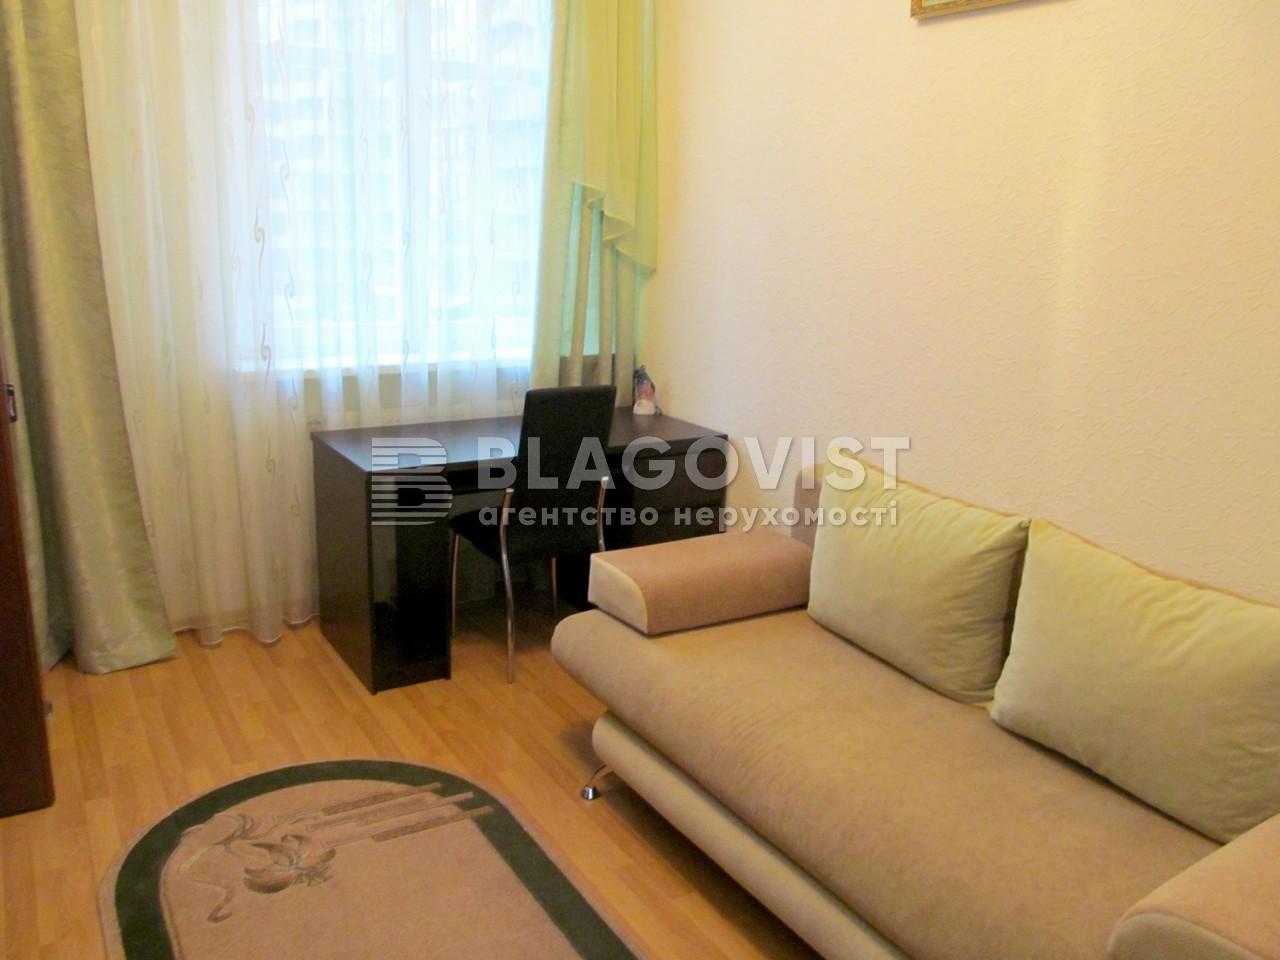 Квартира E-13012, Коновальца Евгения (Щорса), 32б, Киев - Фото 10